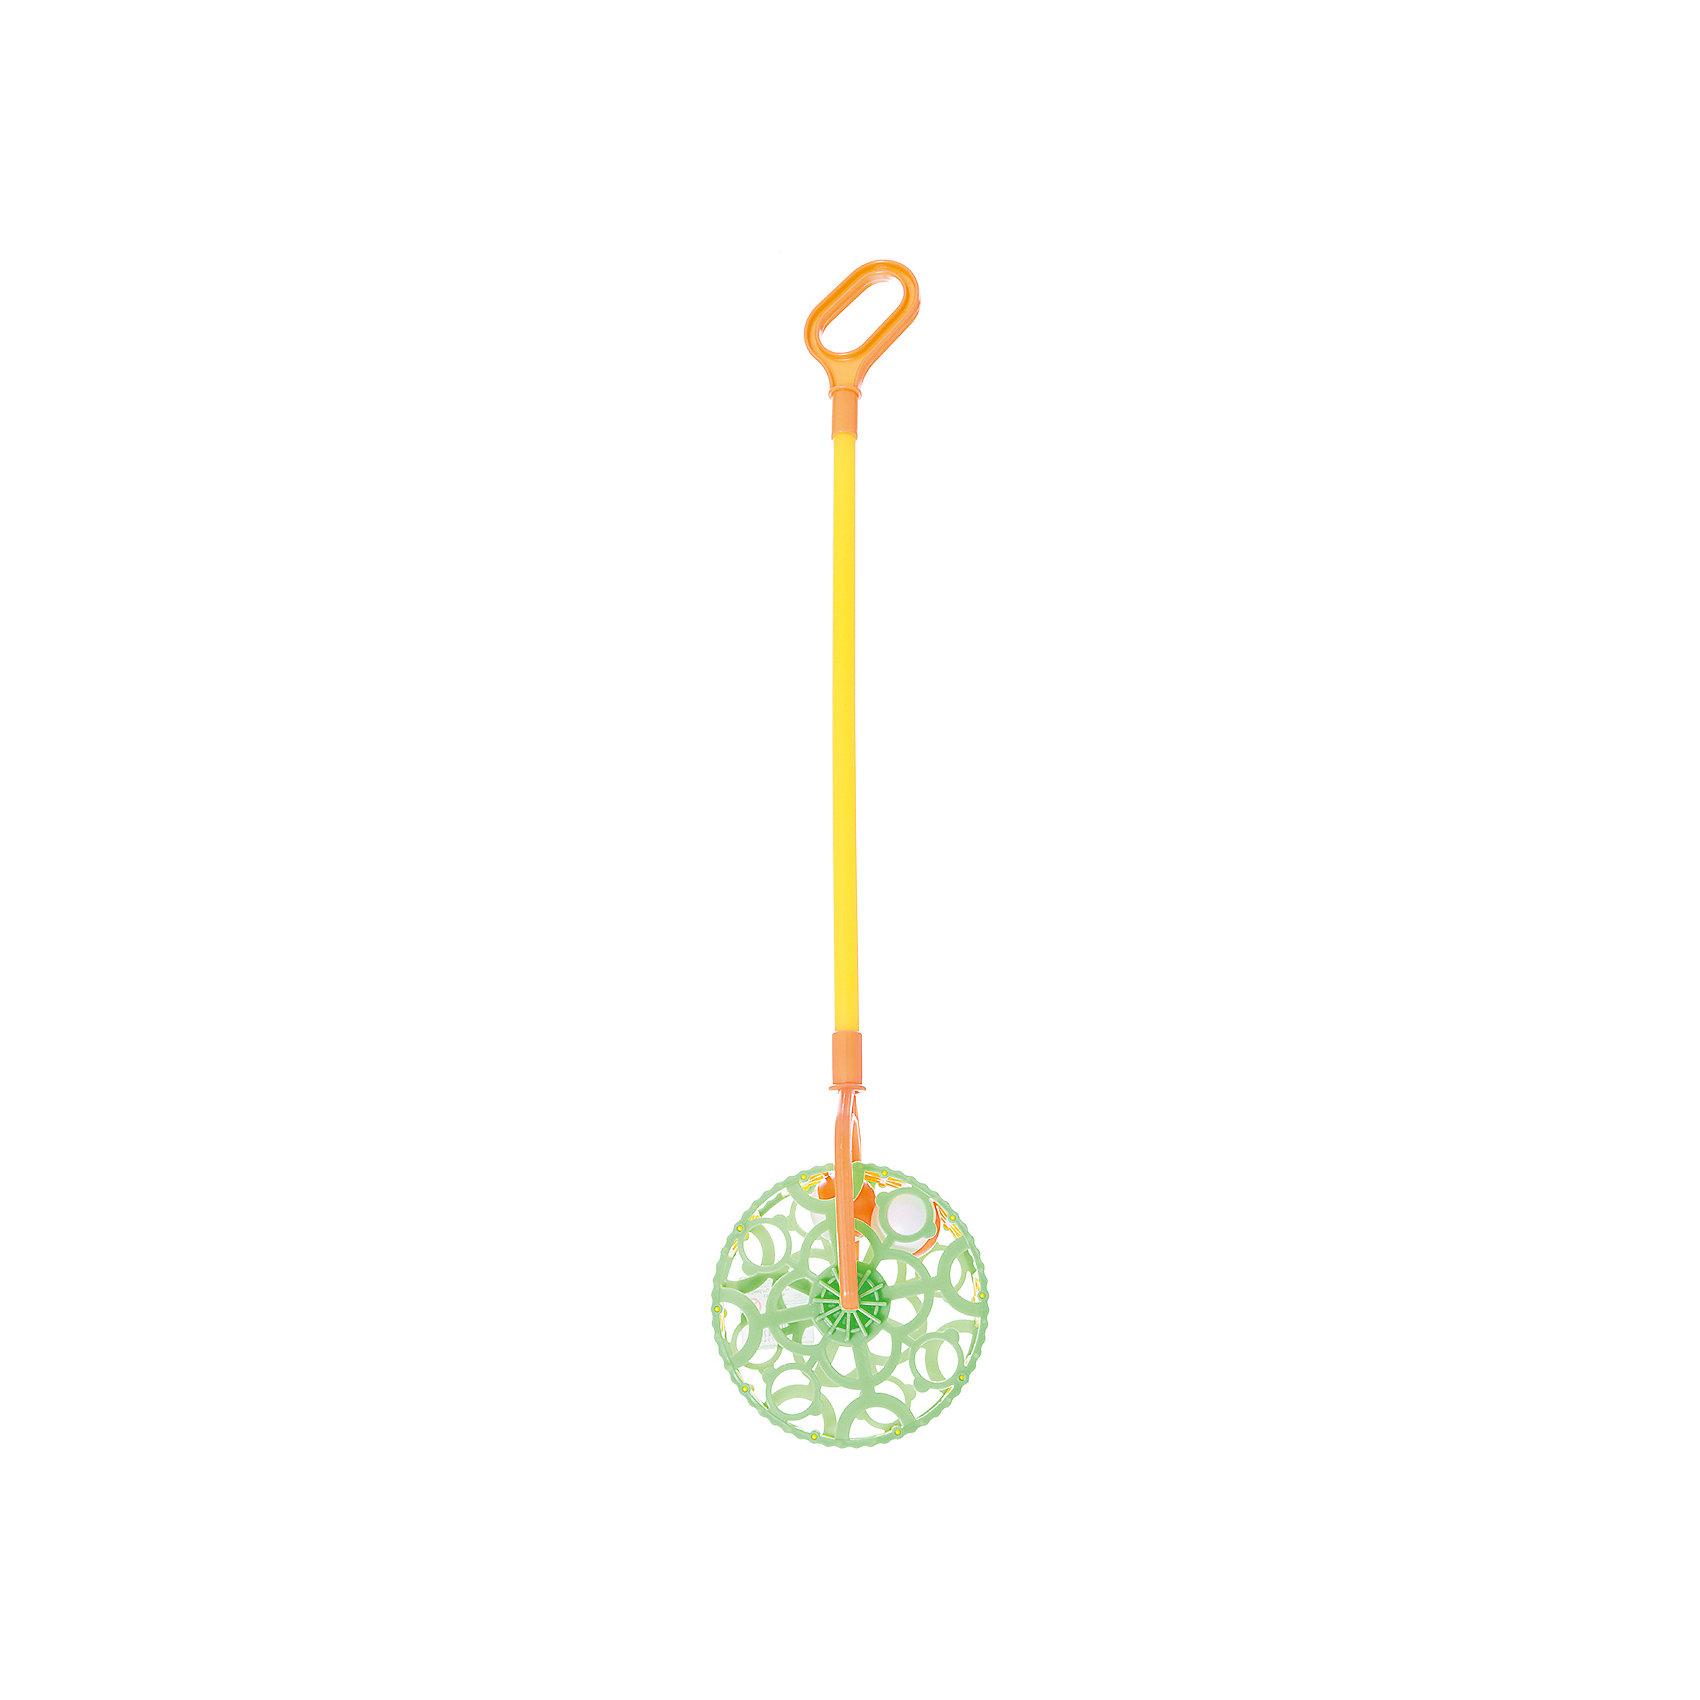 Каталка-погремушка, СовтехстромЯркая каталка-погремушка, с очень удобной ручкой, знакомит малыша с миром цветов и учит малыша ориентироваться в пространстве. <br><br>Дополнительная информация:<br><br>- Возраст: от 2 лет.<br>- Материал: пластик.<br>- Размер упаковки: 6х15х50 см.<br>- Вес в упаковке: 140 г.<br><br>Купить каталку-погремушку, можно в нашем магазине.<br><br>Ширина мм: 60<br>Глубина мм: 150<br>Высота мм: 500<br>Вес г: 140<br>Возраст от месяцев: 24<br>Возраст до месяцев: 48<br>Пол: Унисекс<br>Возраст: Детский<br>SKU: 4879325